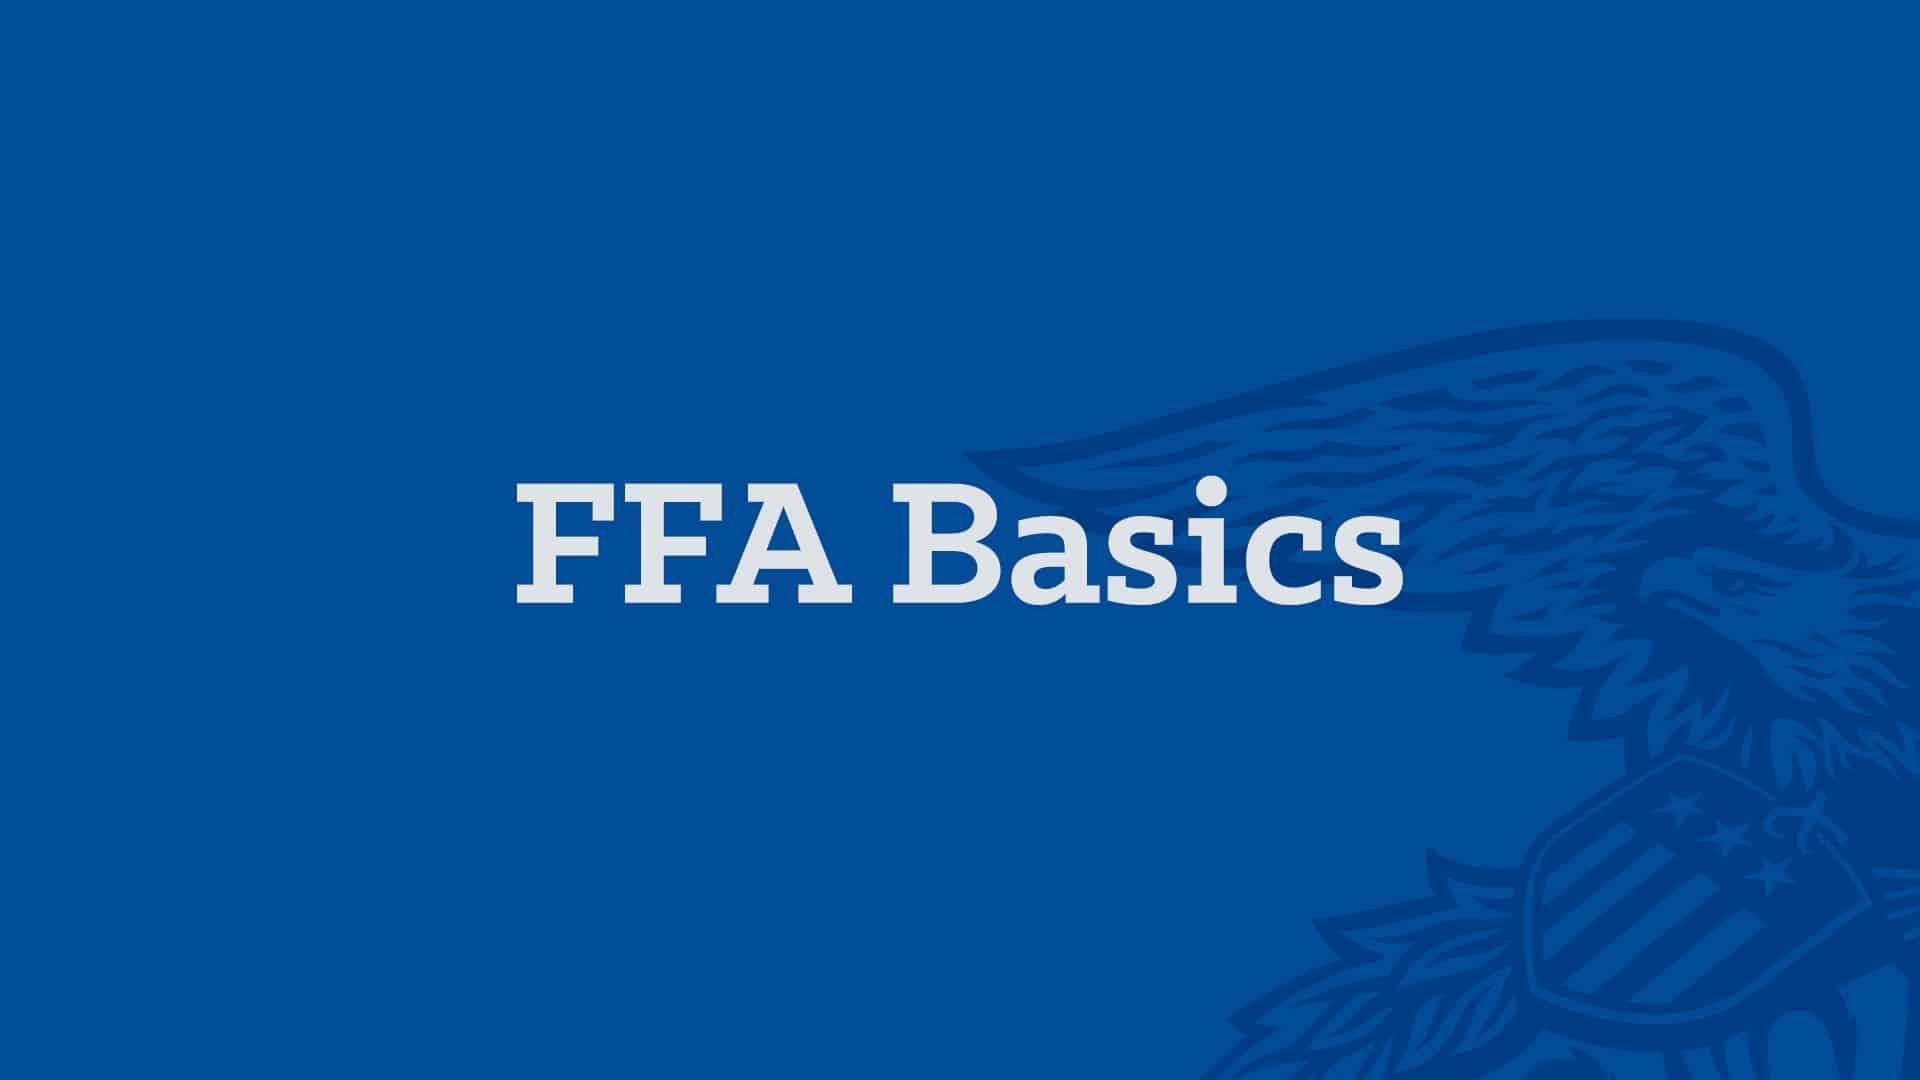 AgEd Academy FFA Basics Banner